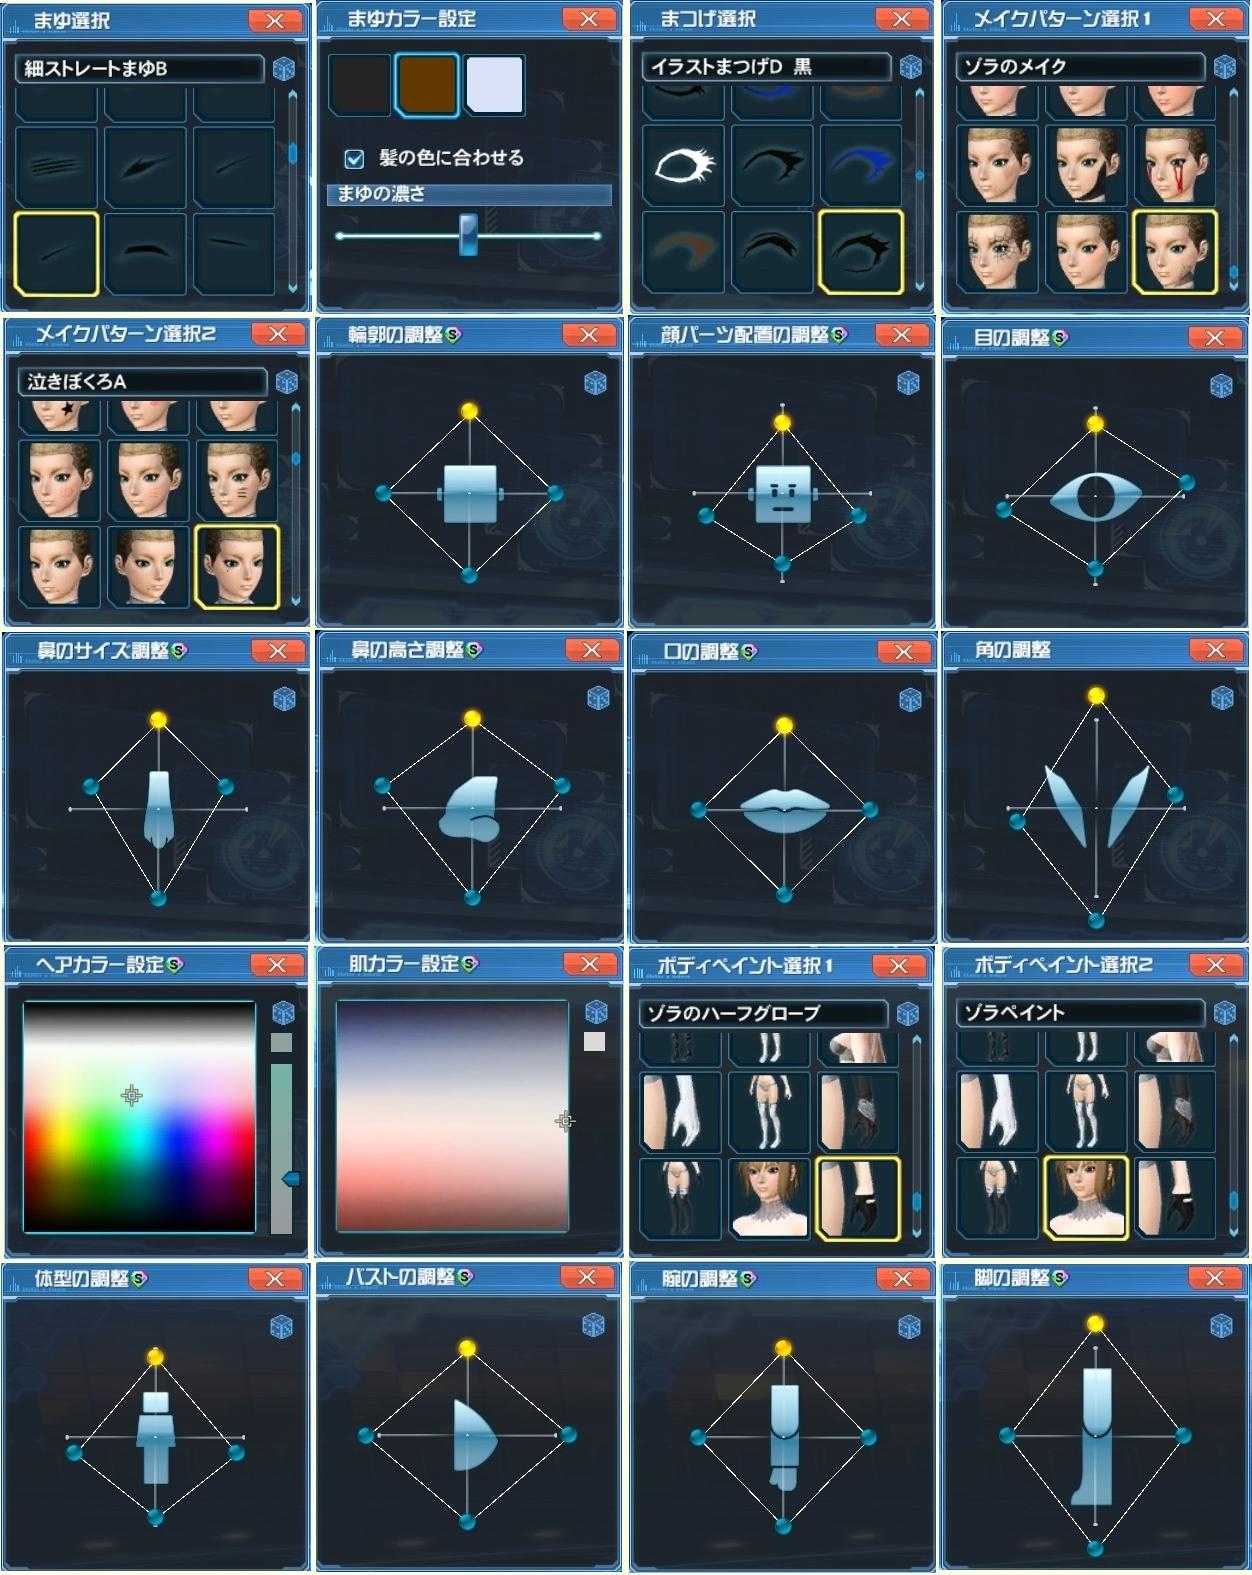 pso20200202_140506_002-tile.jpg